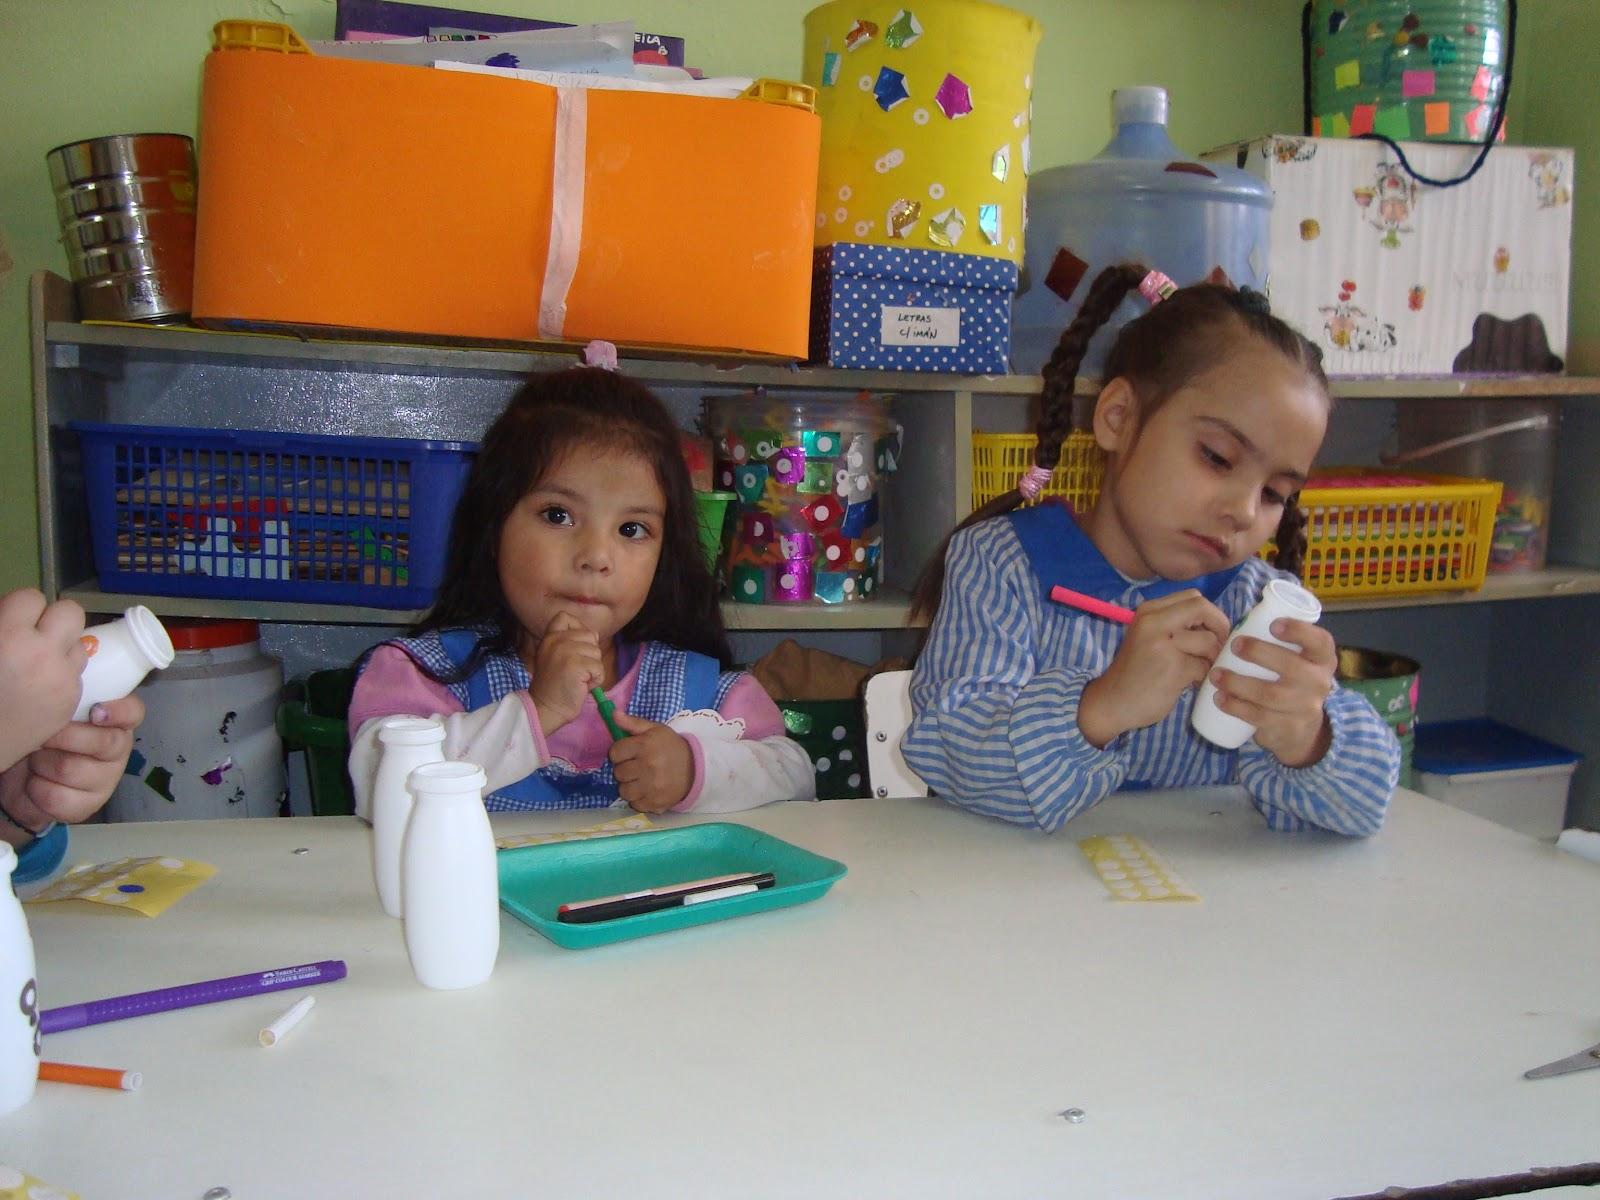 Jard n de infantes n 943 rosario vera pe aloza piedra libre al juego for Juegos para jardin infantes